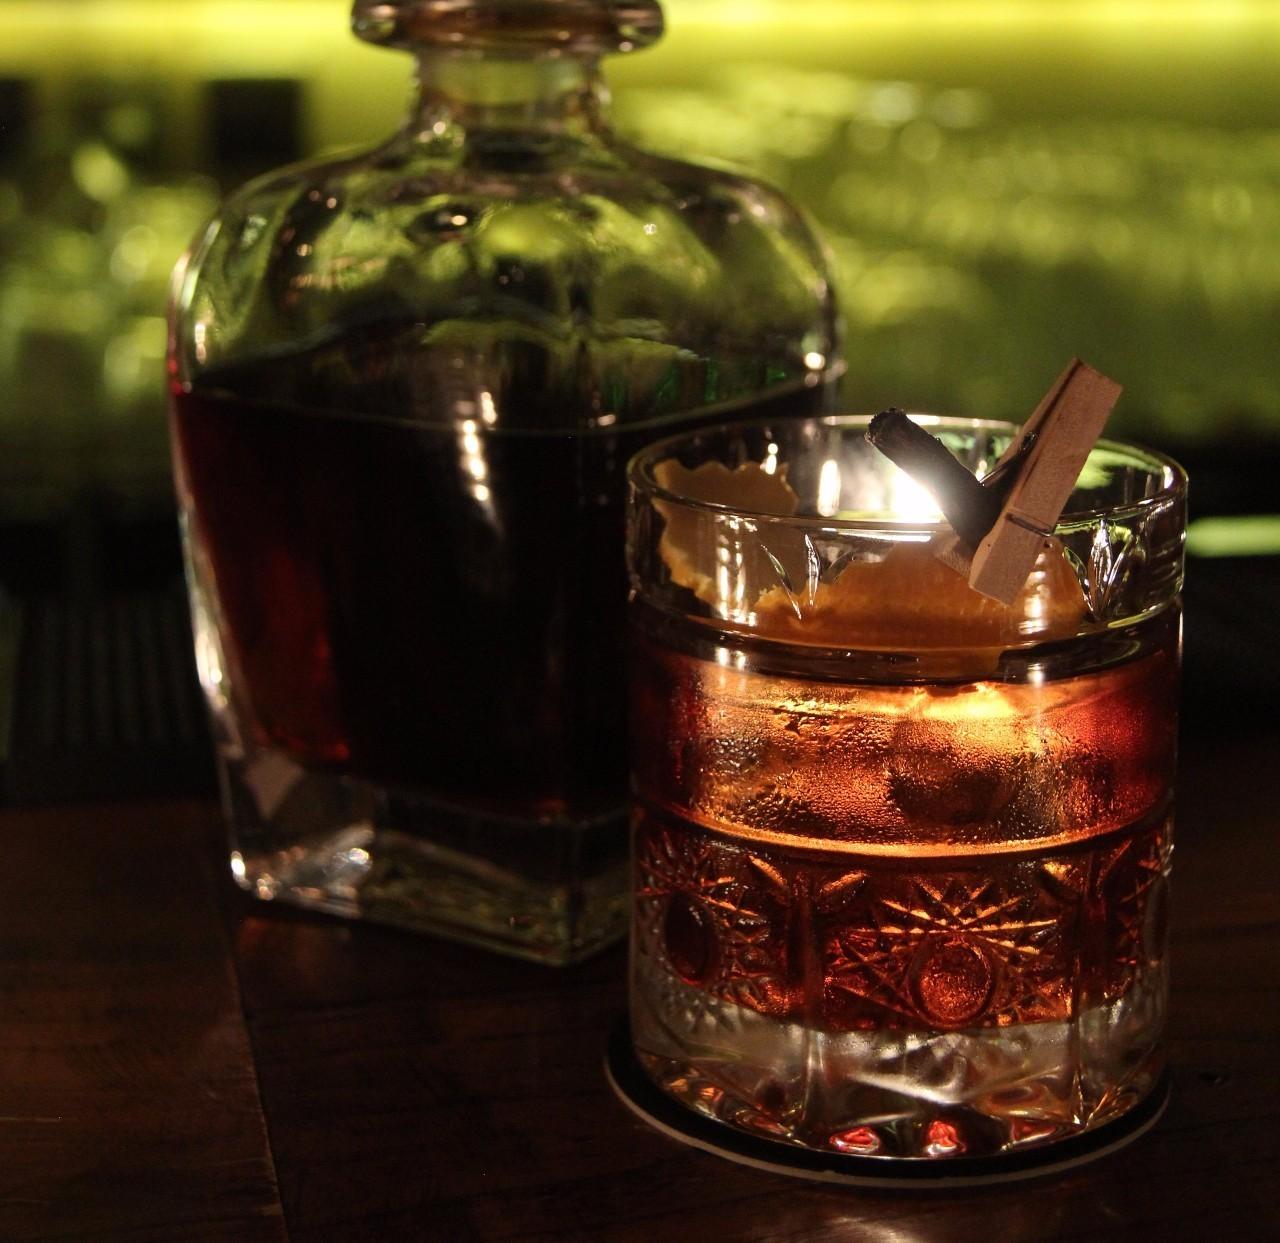 5杯温暖的调酒|对嗜酒之人的冬天关怀